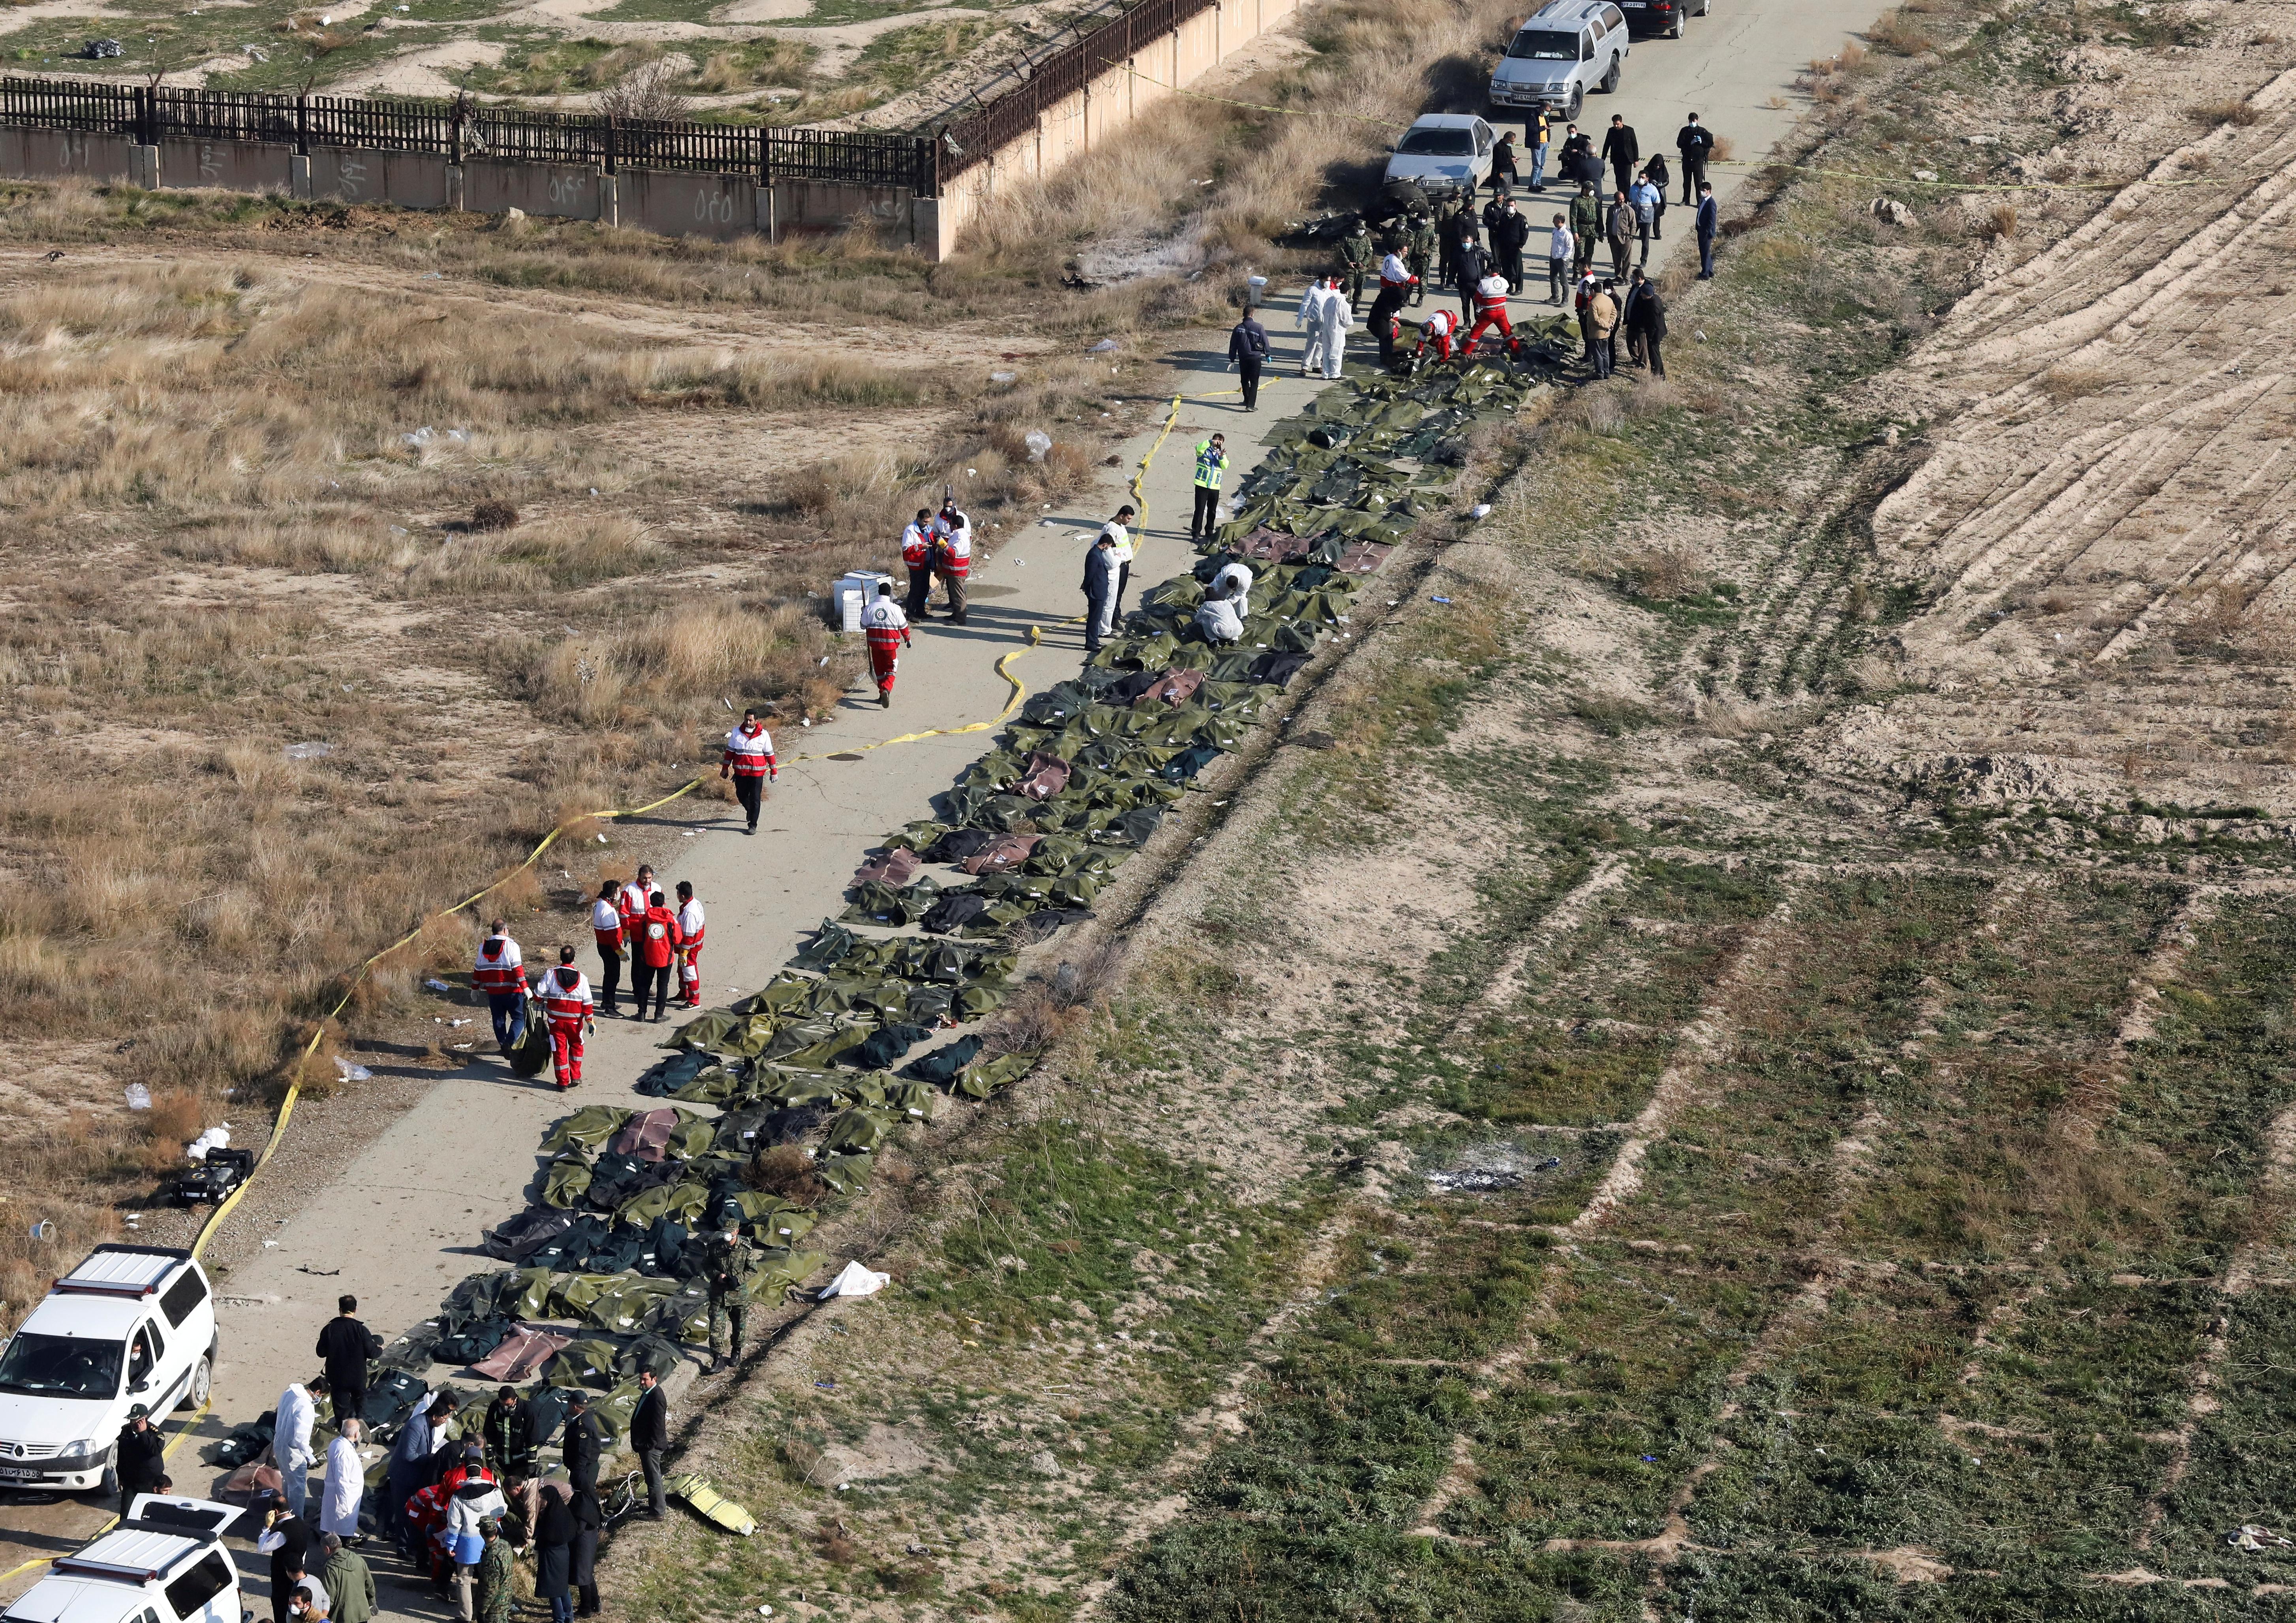 Imagen impactante de los cuerpos apilados cerca del lugar del accidente (REUTERS)